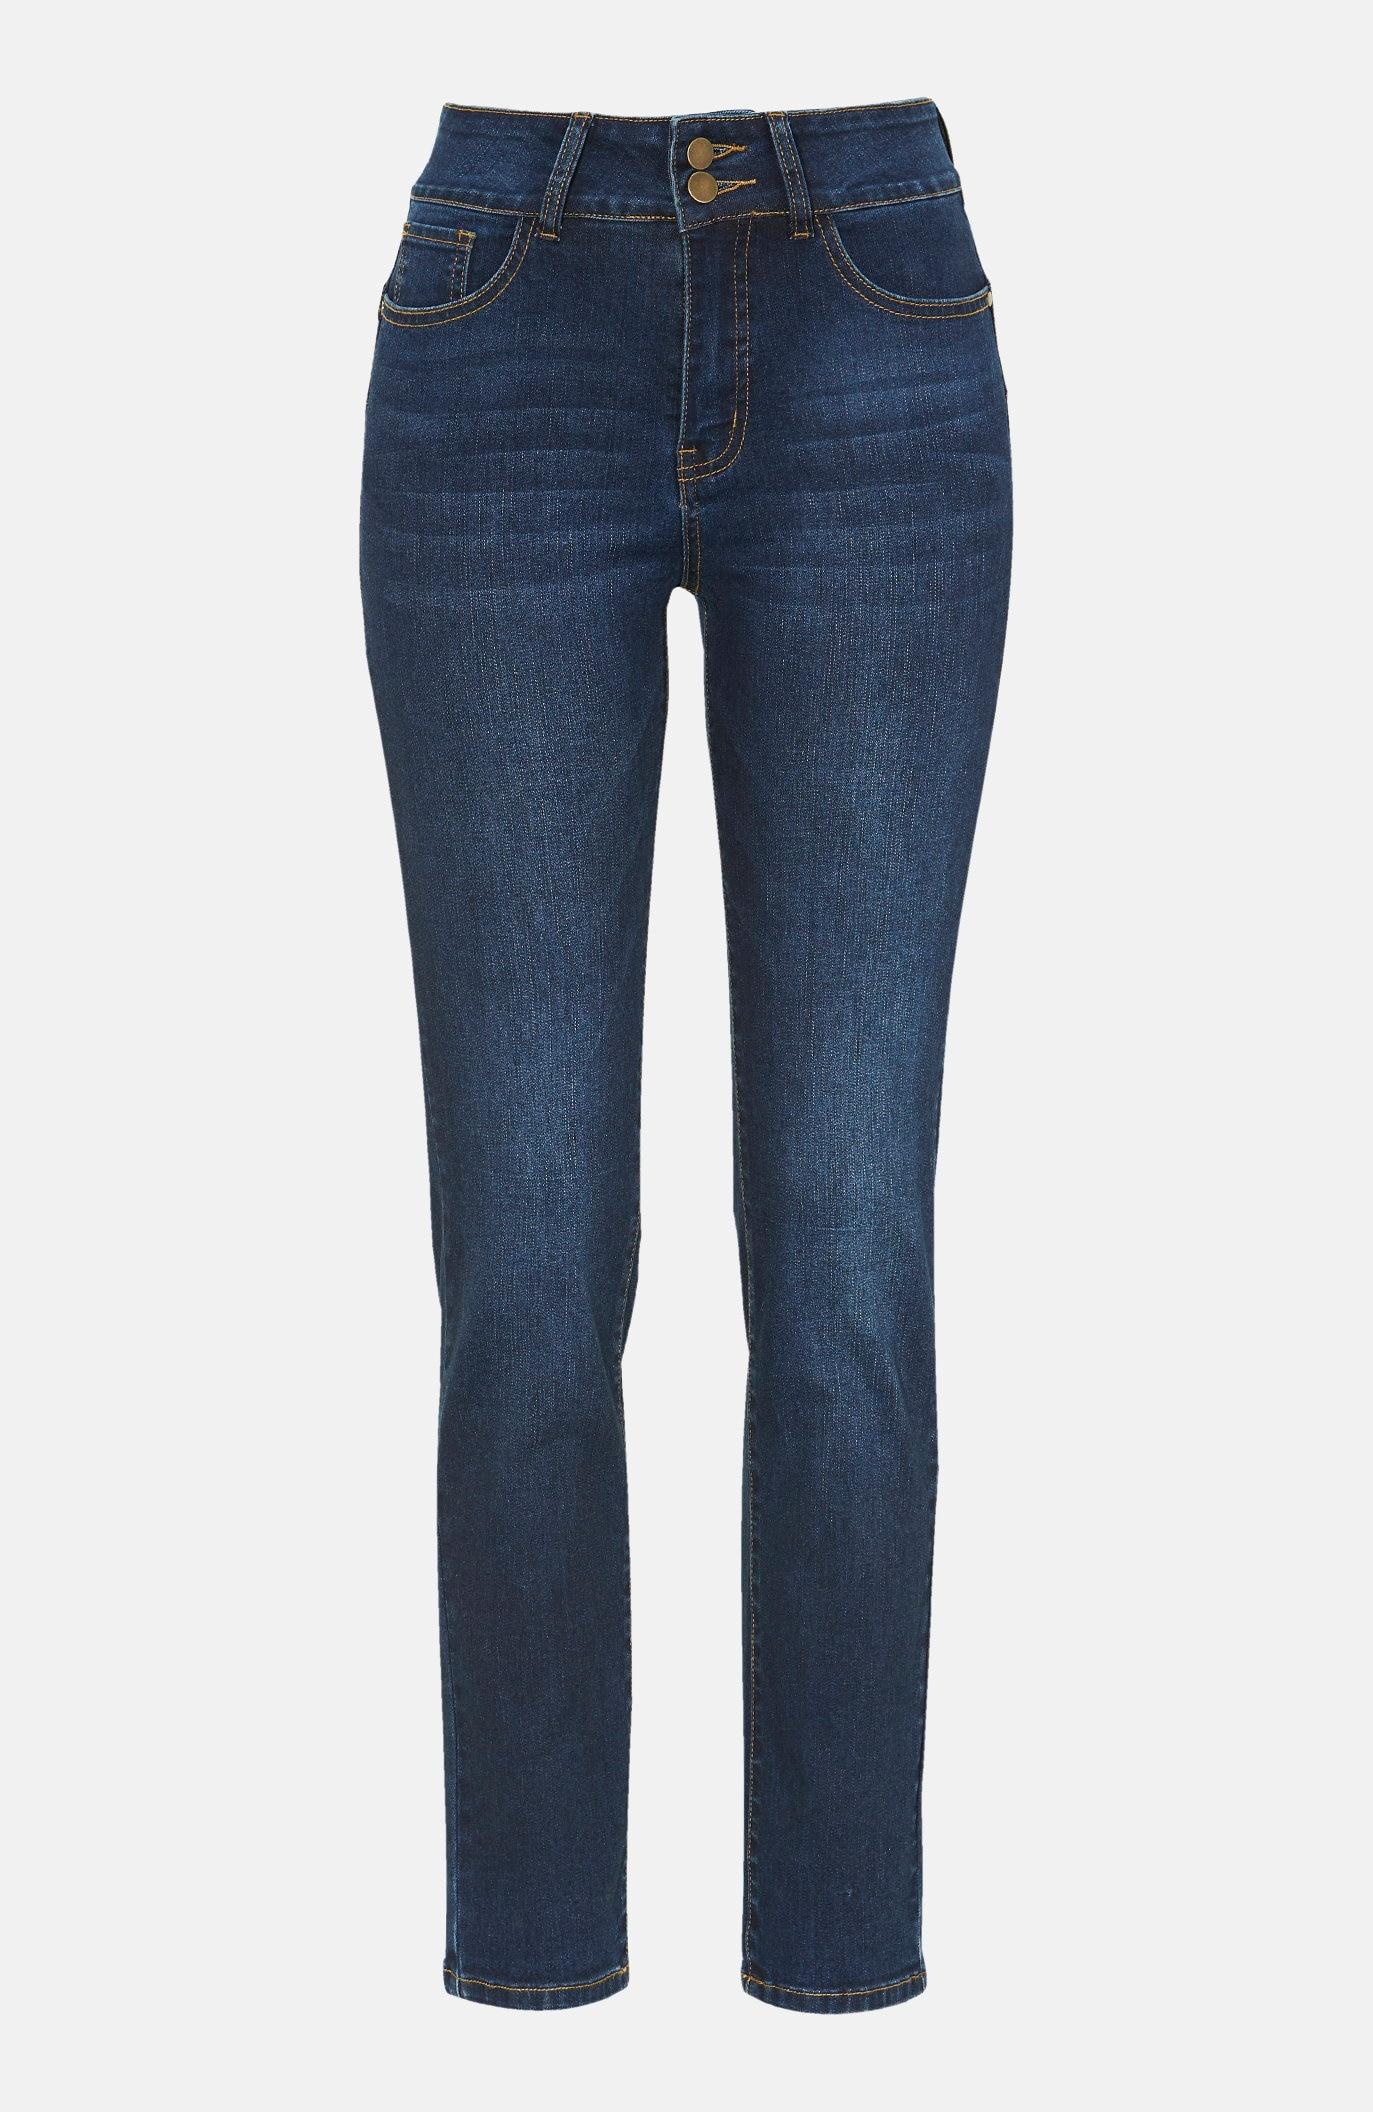 Shaping jeans hög midja